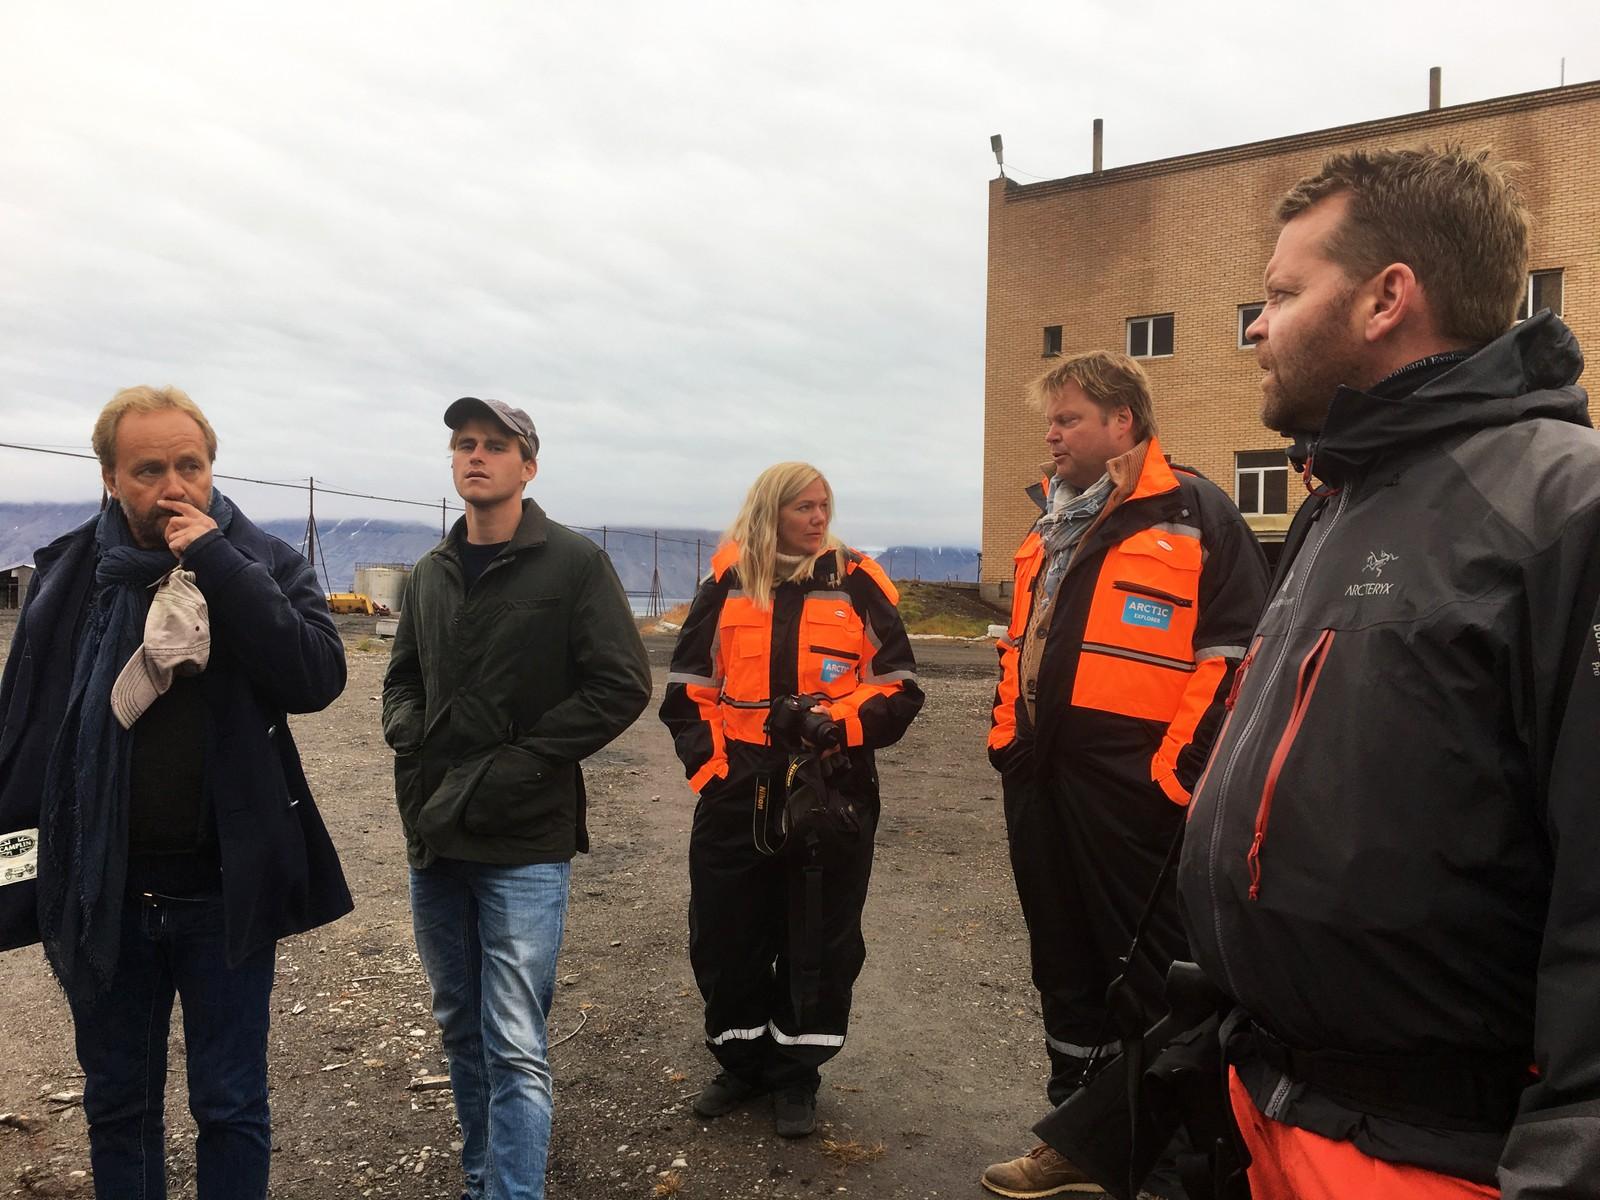 Øystein Wiik og sønnen, Maja Lunde, Jørn Lier Horst og isbjørnvakt, kokk og cruise-eier Steve.